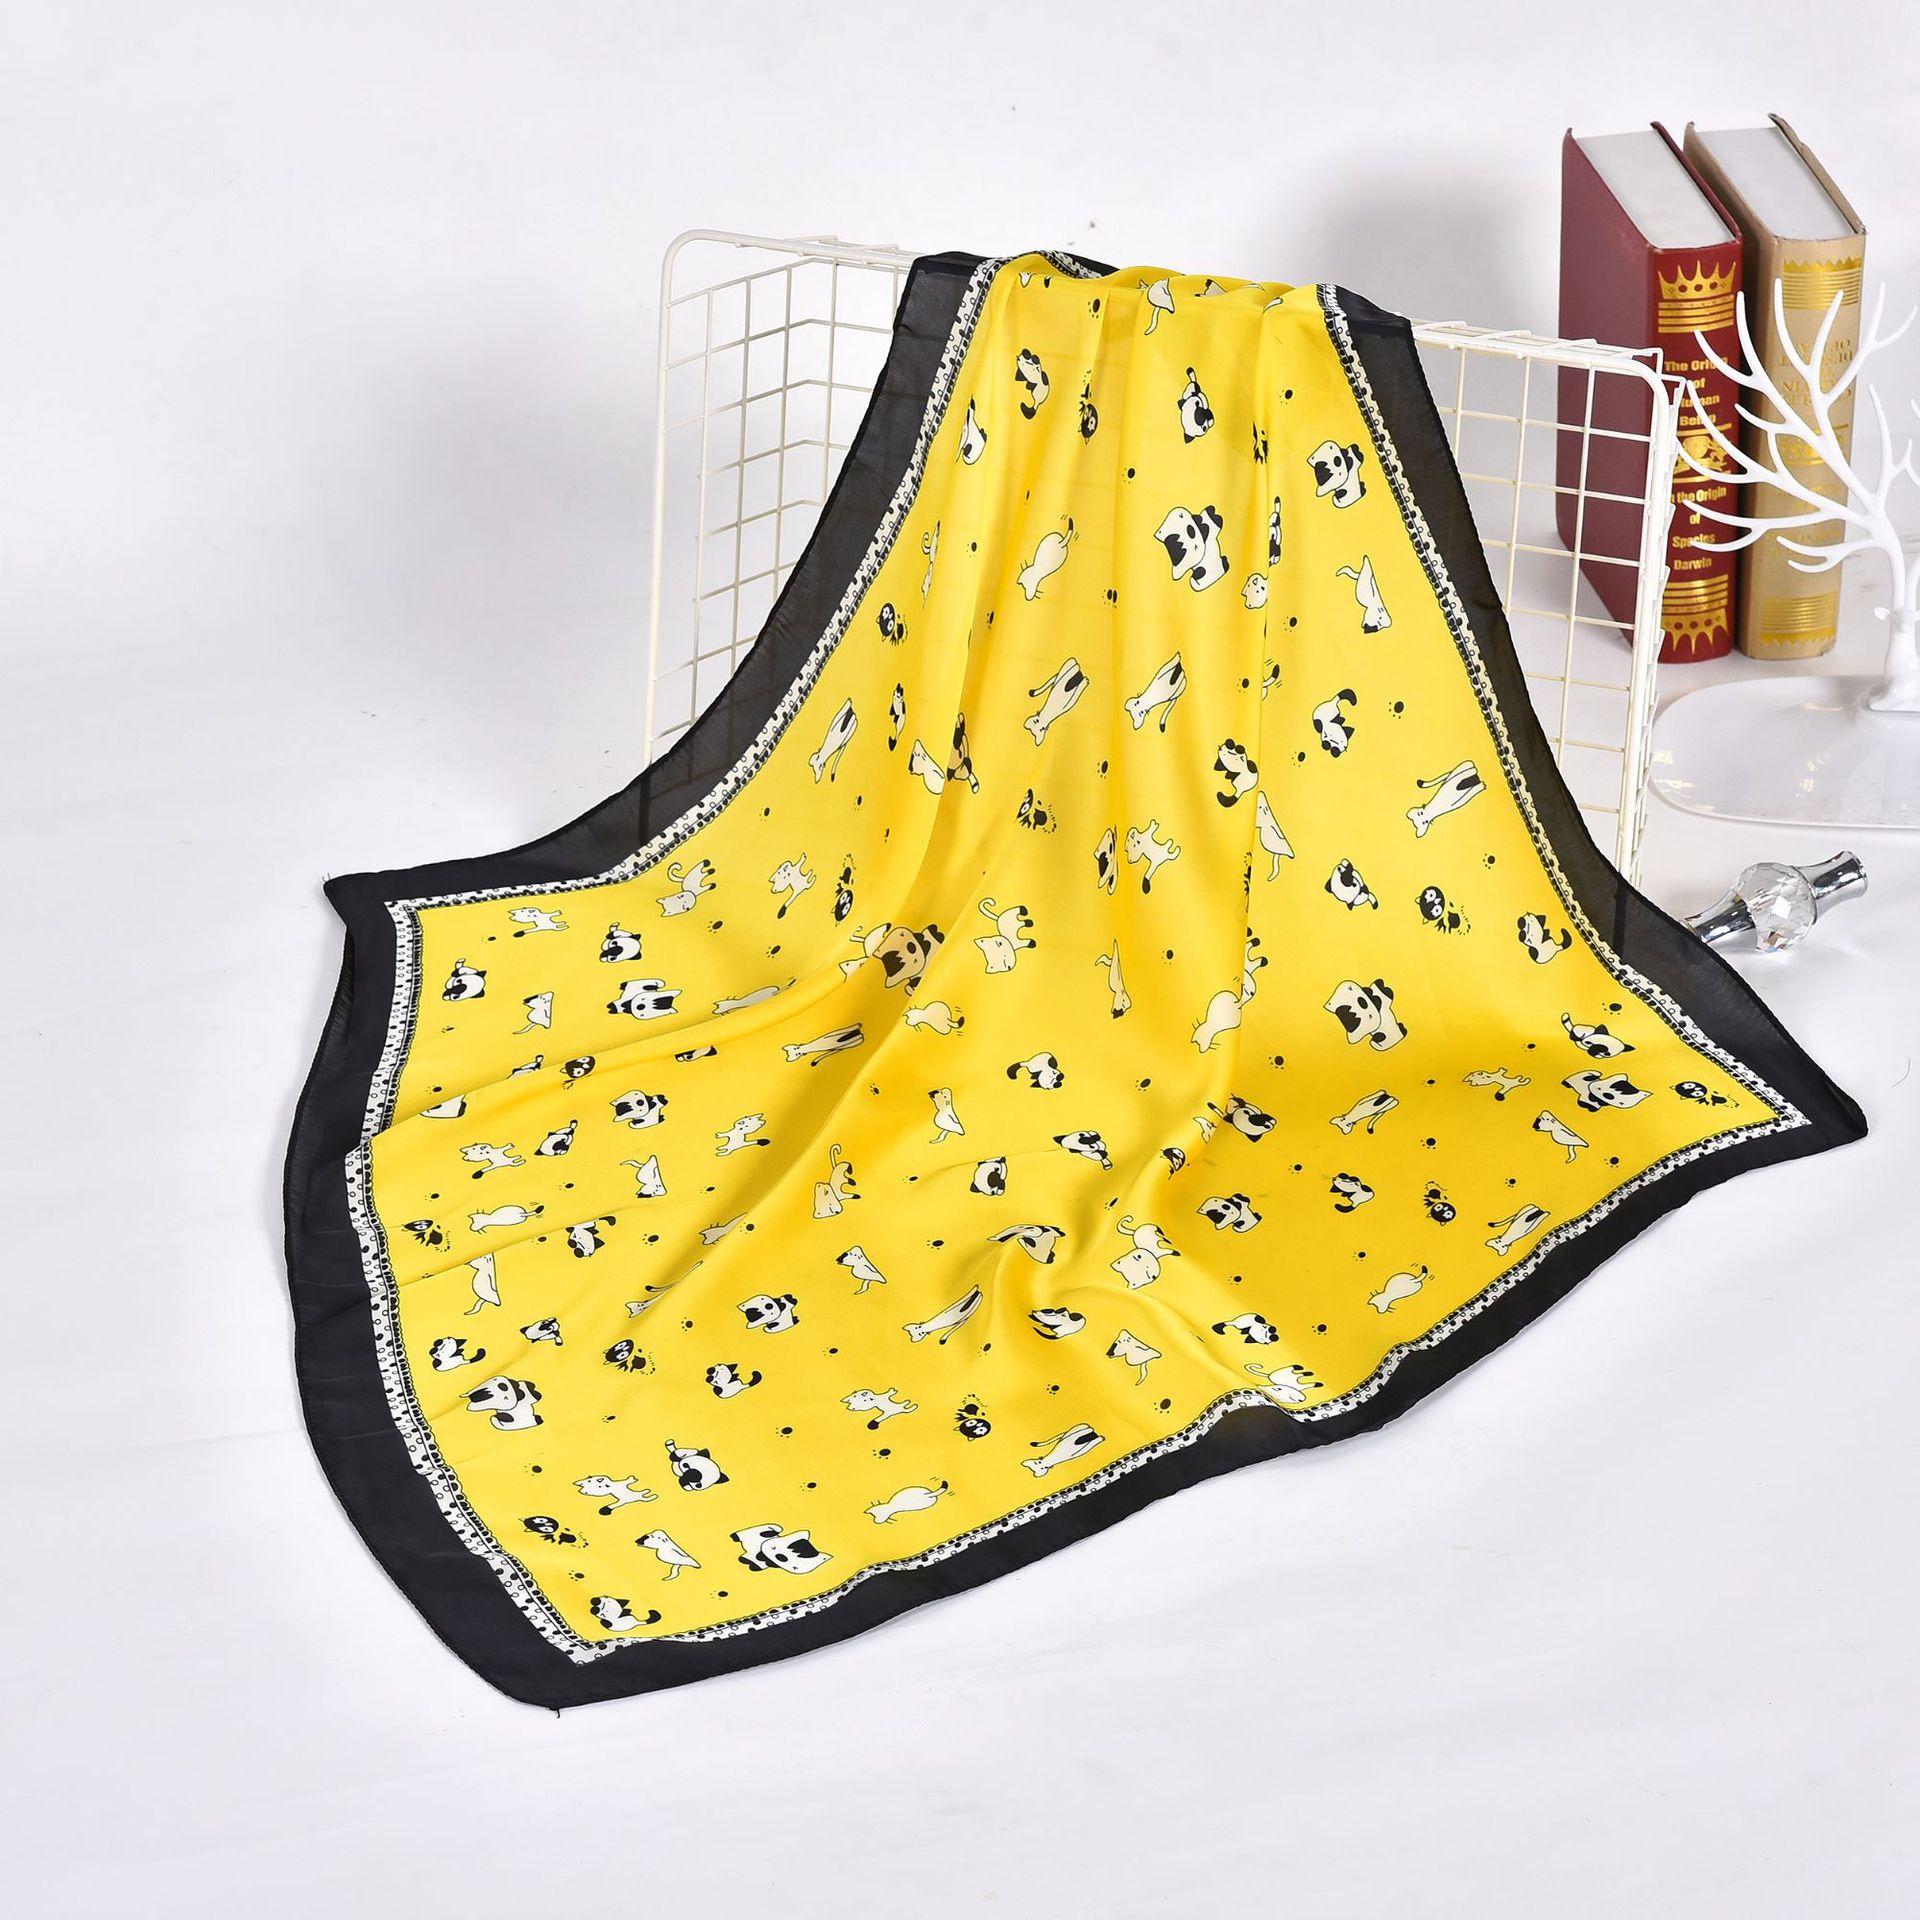 Модный платок, женский шарф для волос, платок с мультяшным принтом, Шелковый Атласный платок, шарфы для женщин, 70*70 см, Квадратный маленький